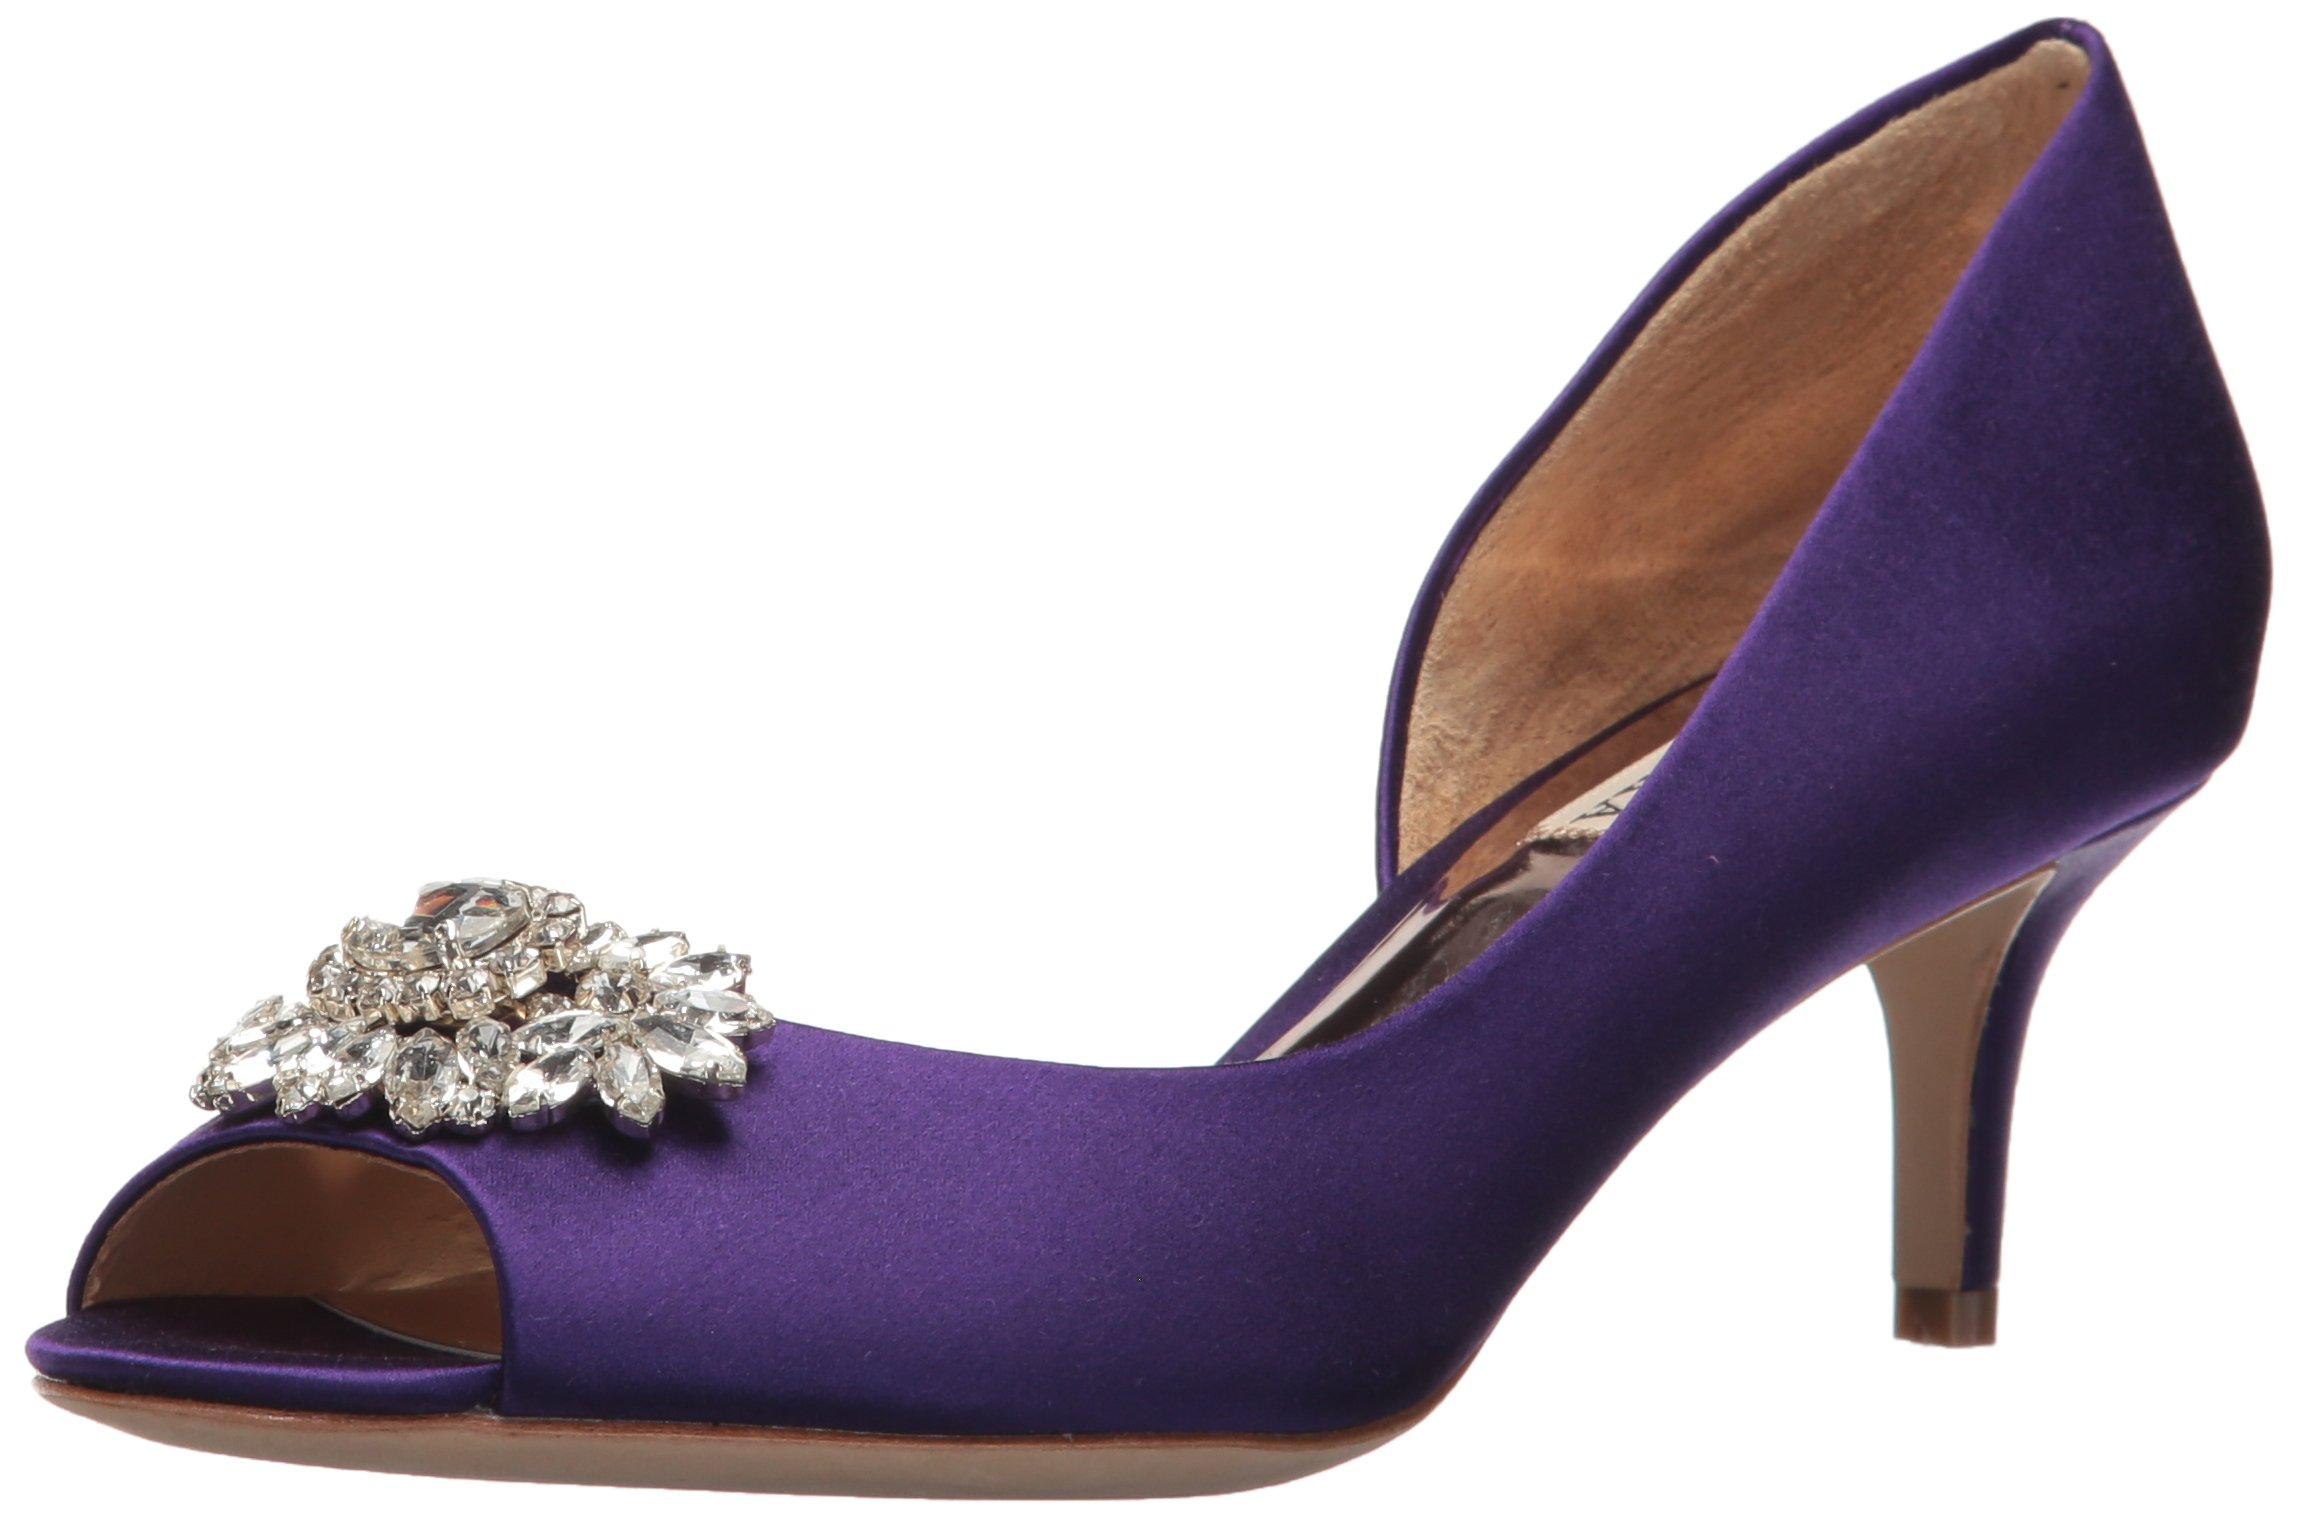 Badgley Mischka Women's Macie Pump, Violet,9 M US